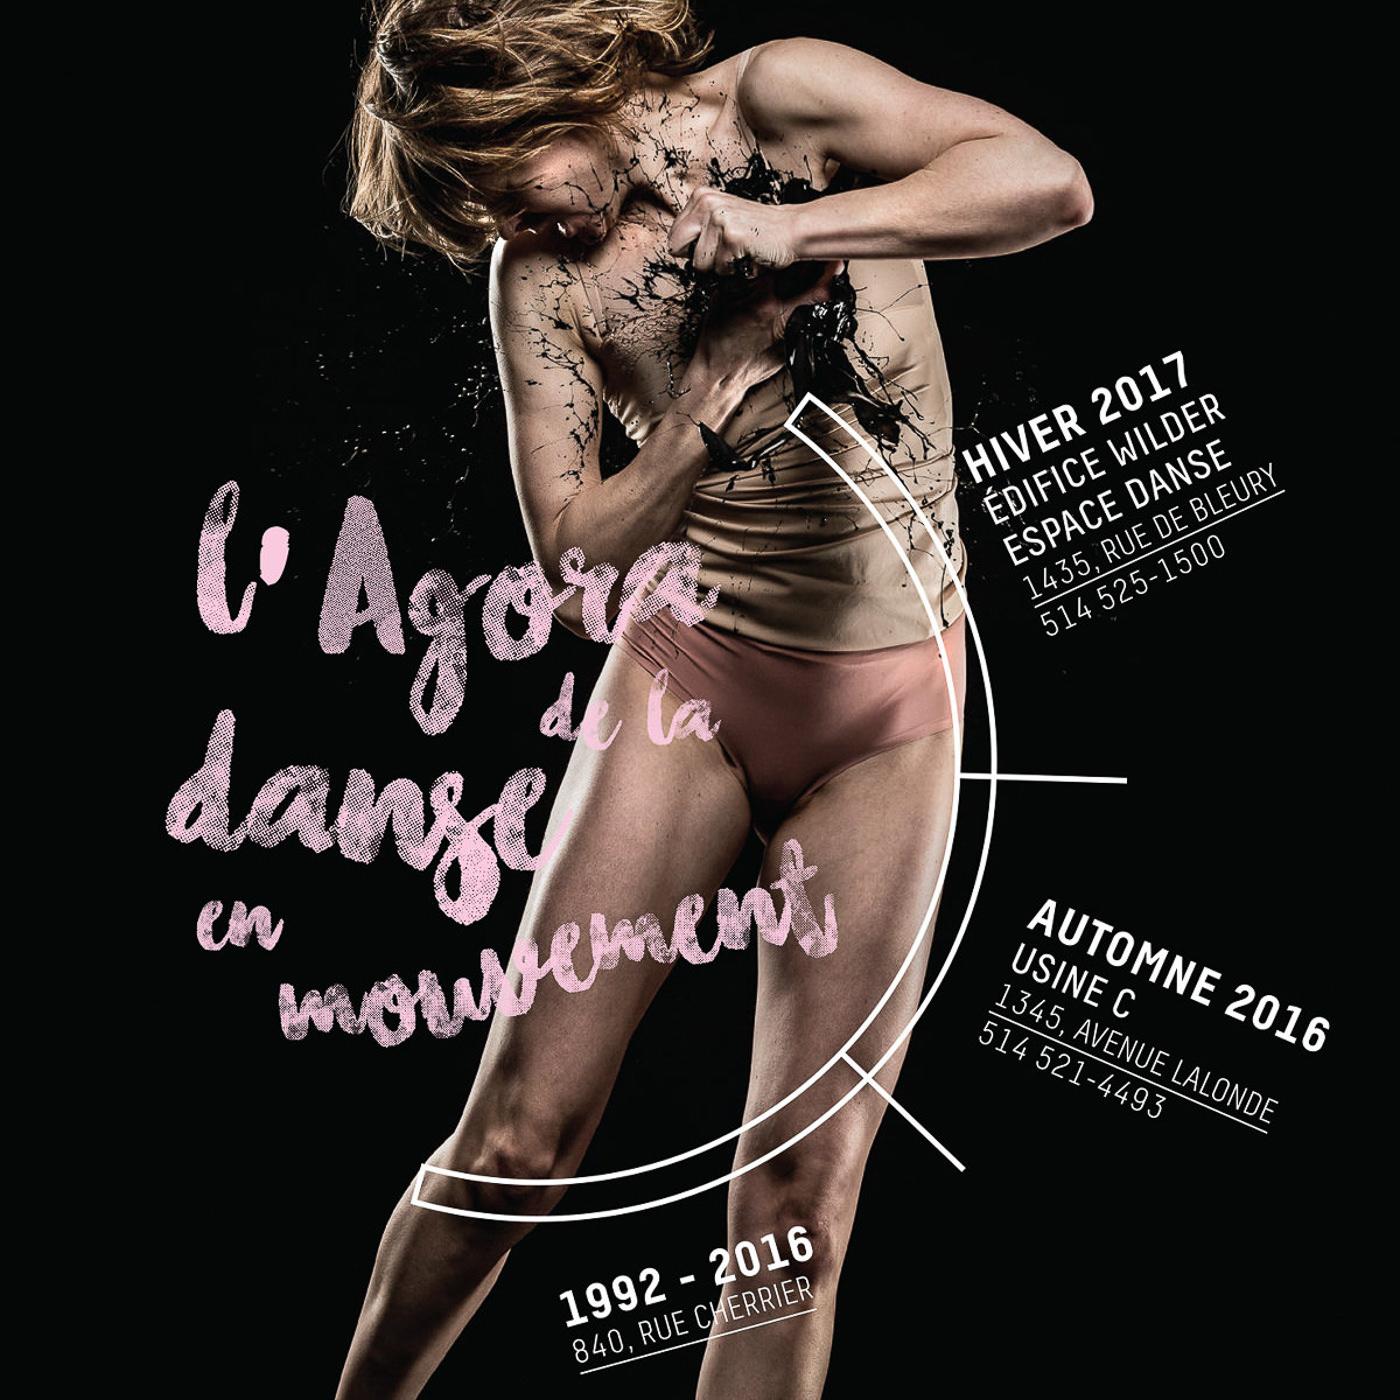 Affiche de l'Agora de la danse en mouvement avec Virginie Brunelle